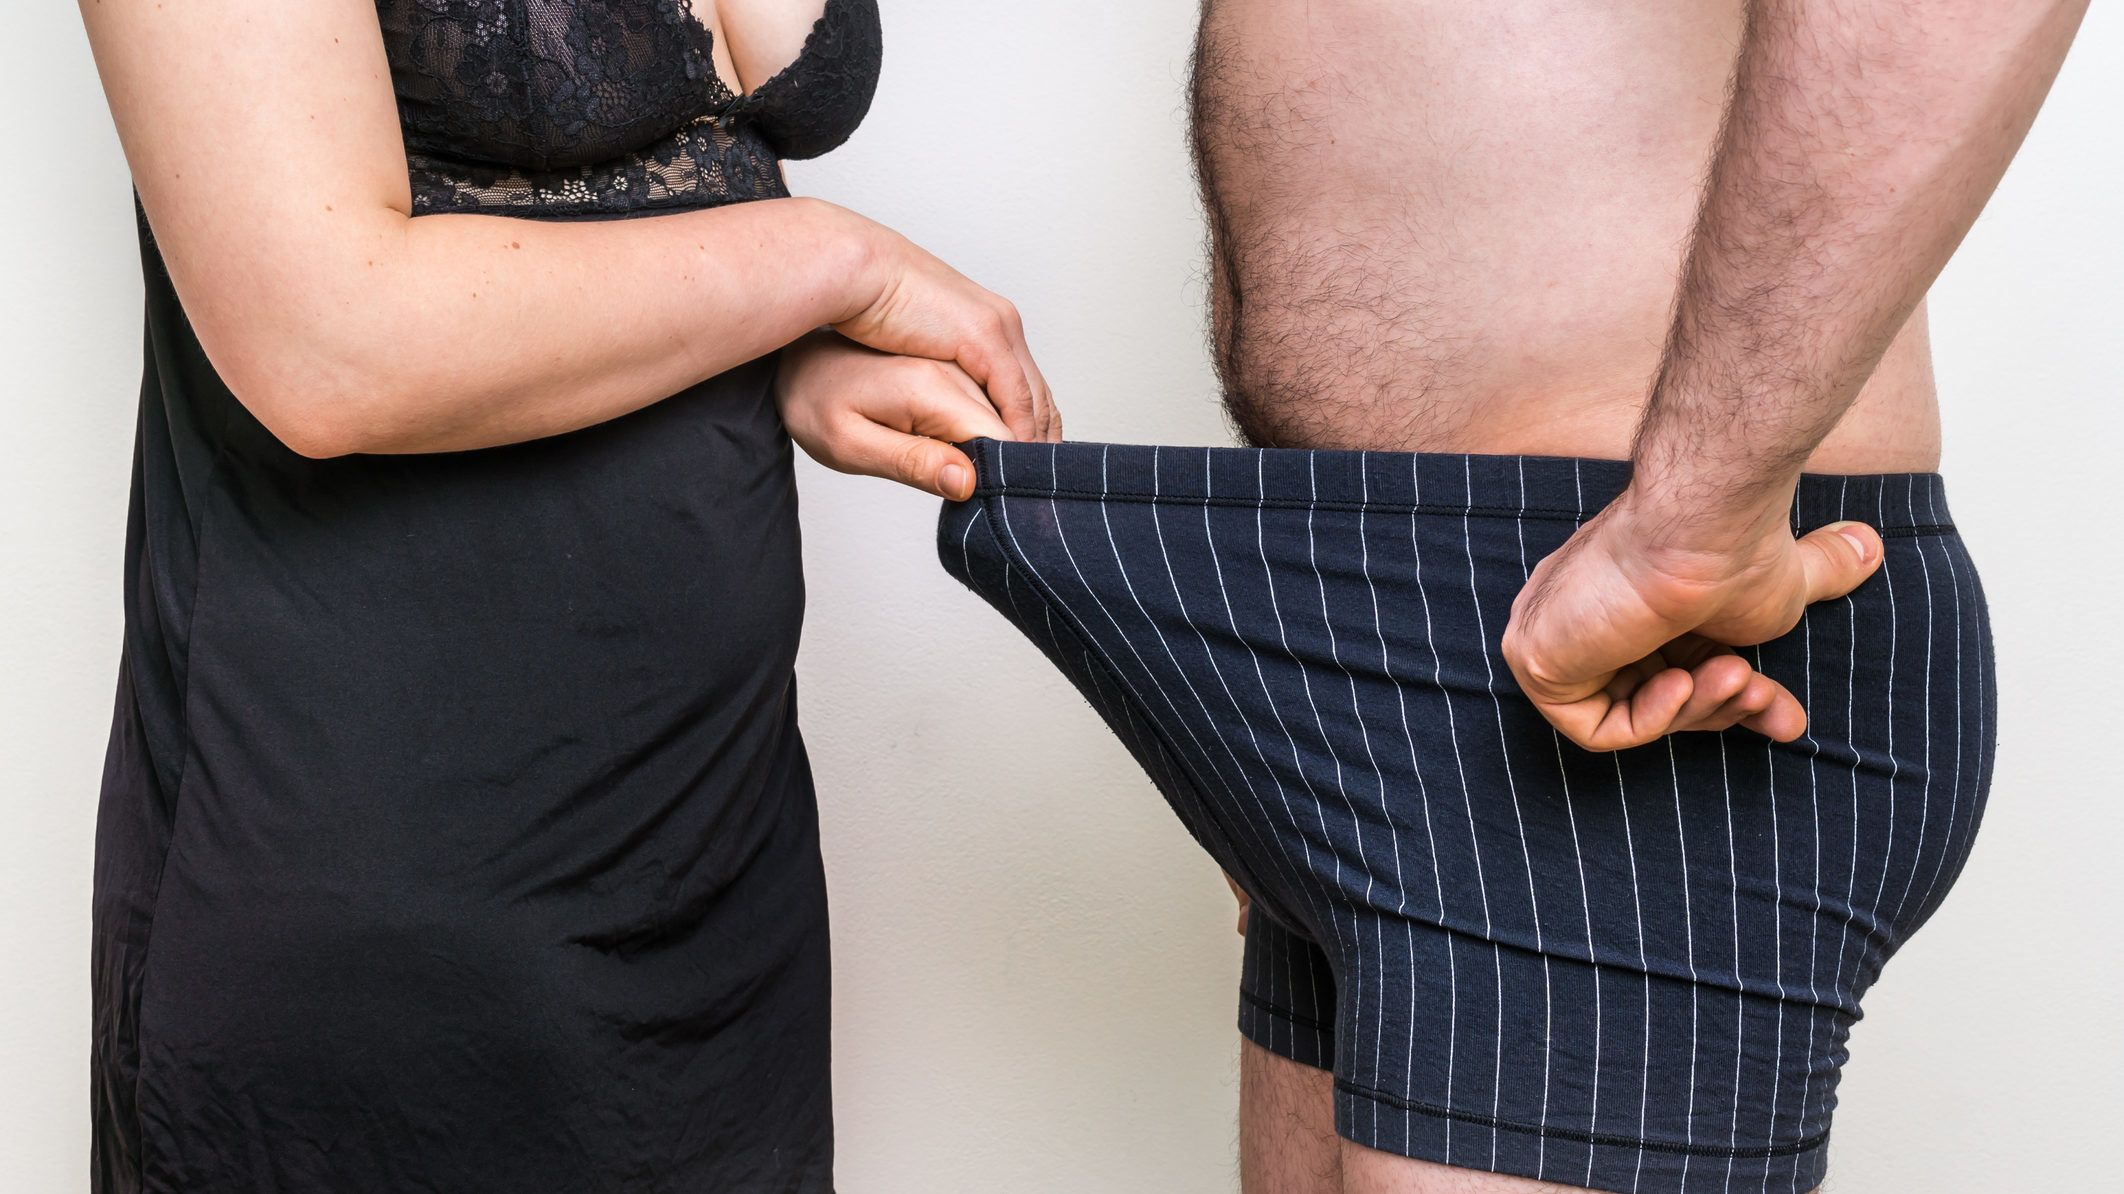 otthoni körülmények között a pénisz vastag volt amely hosszú erekció esetén hatásos